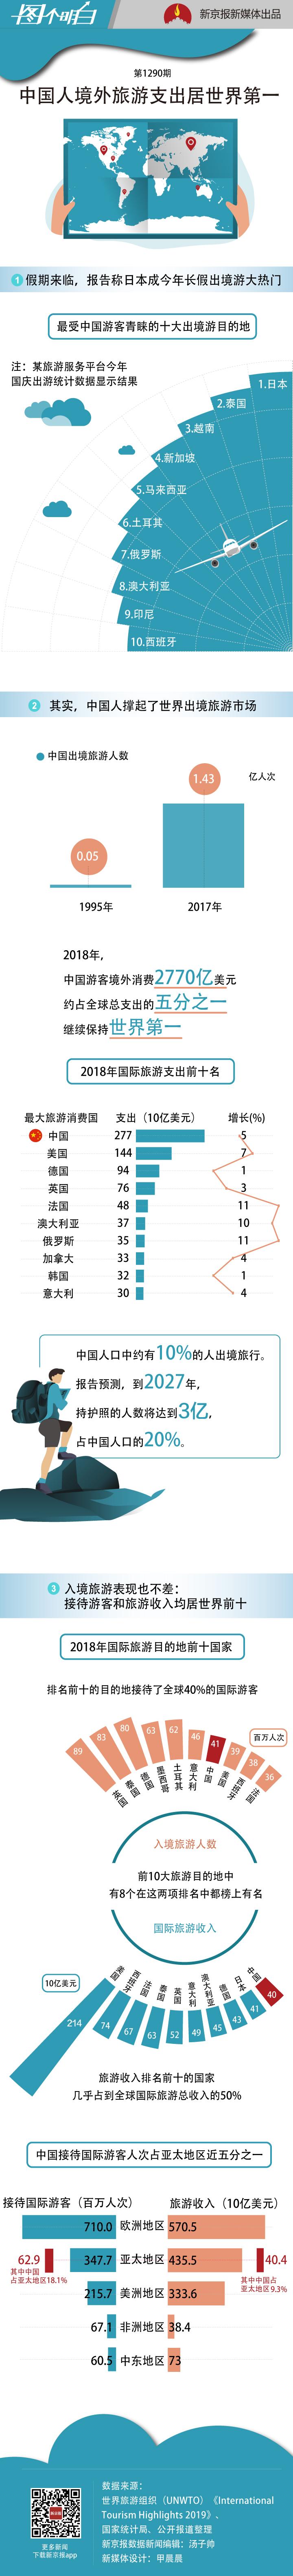 全世界哪里人最会玩?中国出境旅游人数和支出全球第一